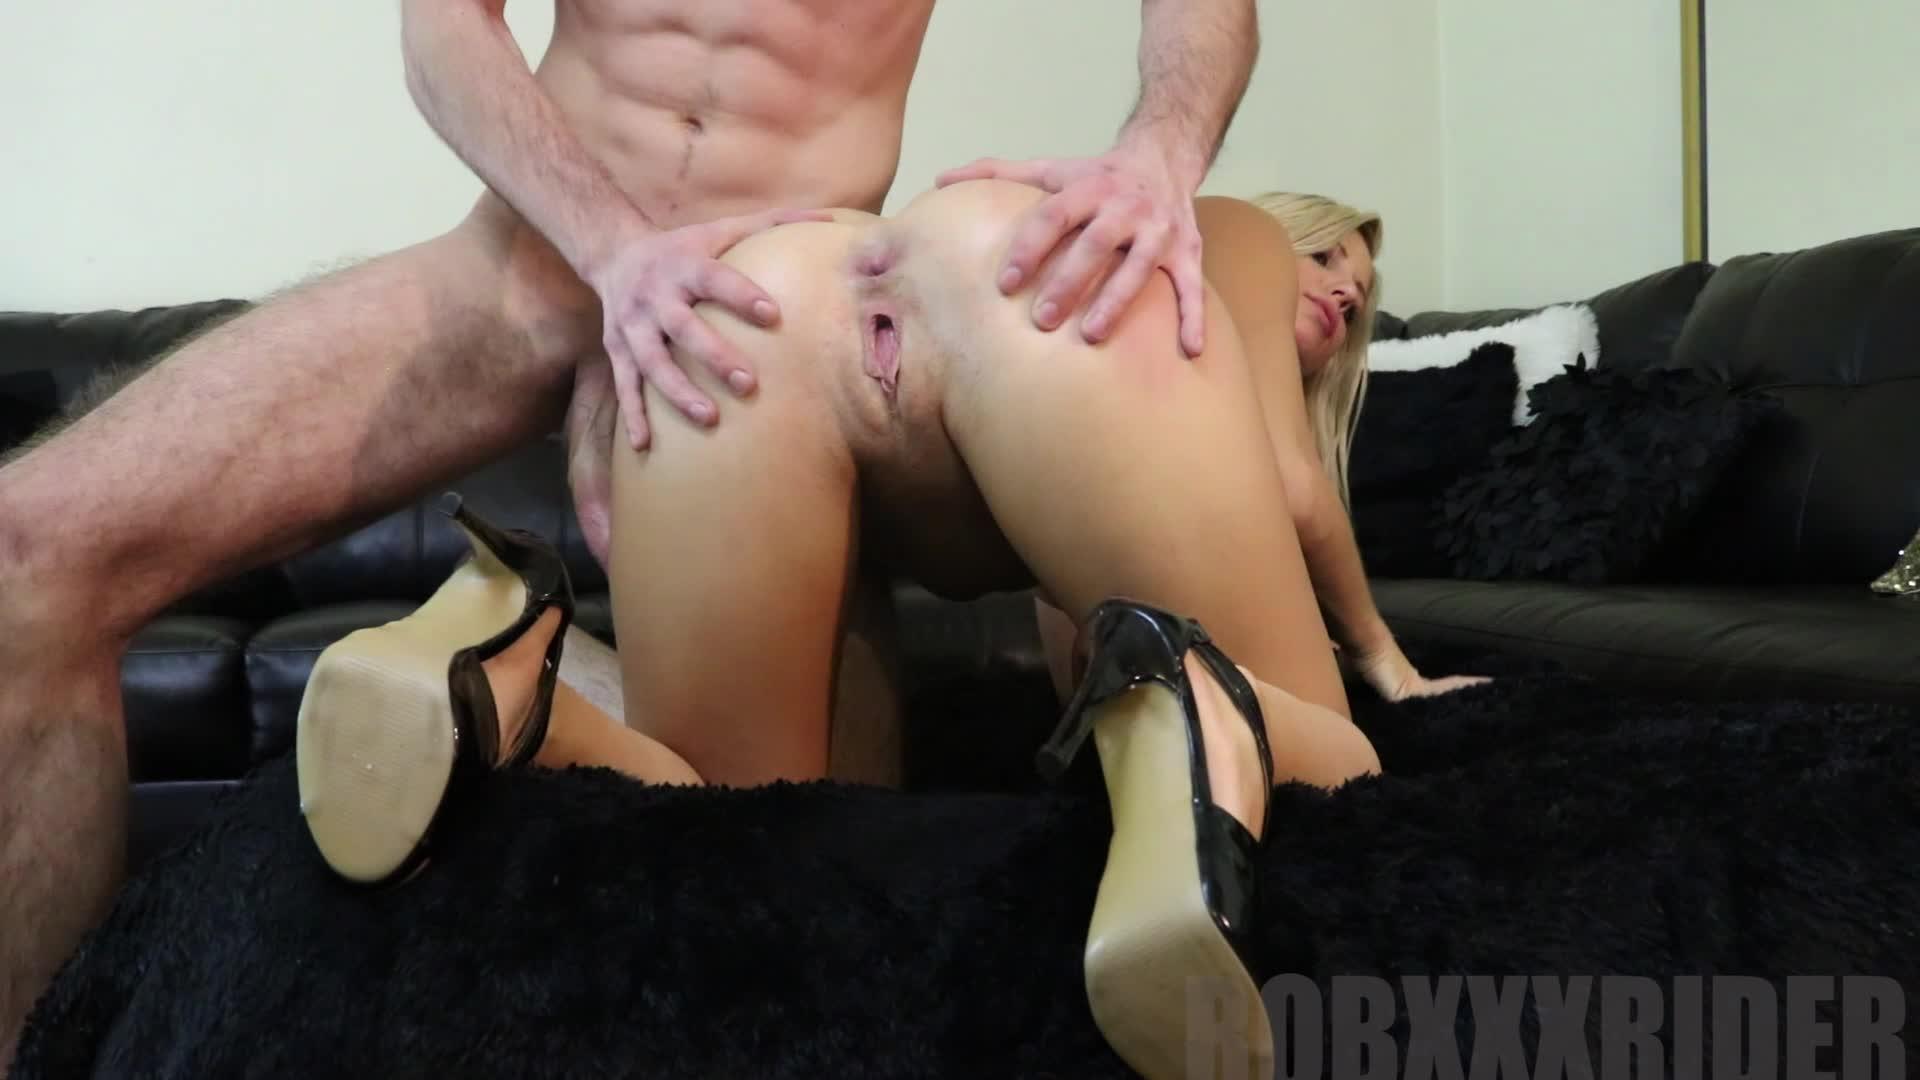 Robxxxrider videos